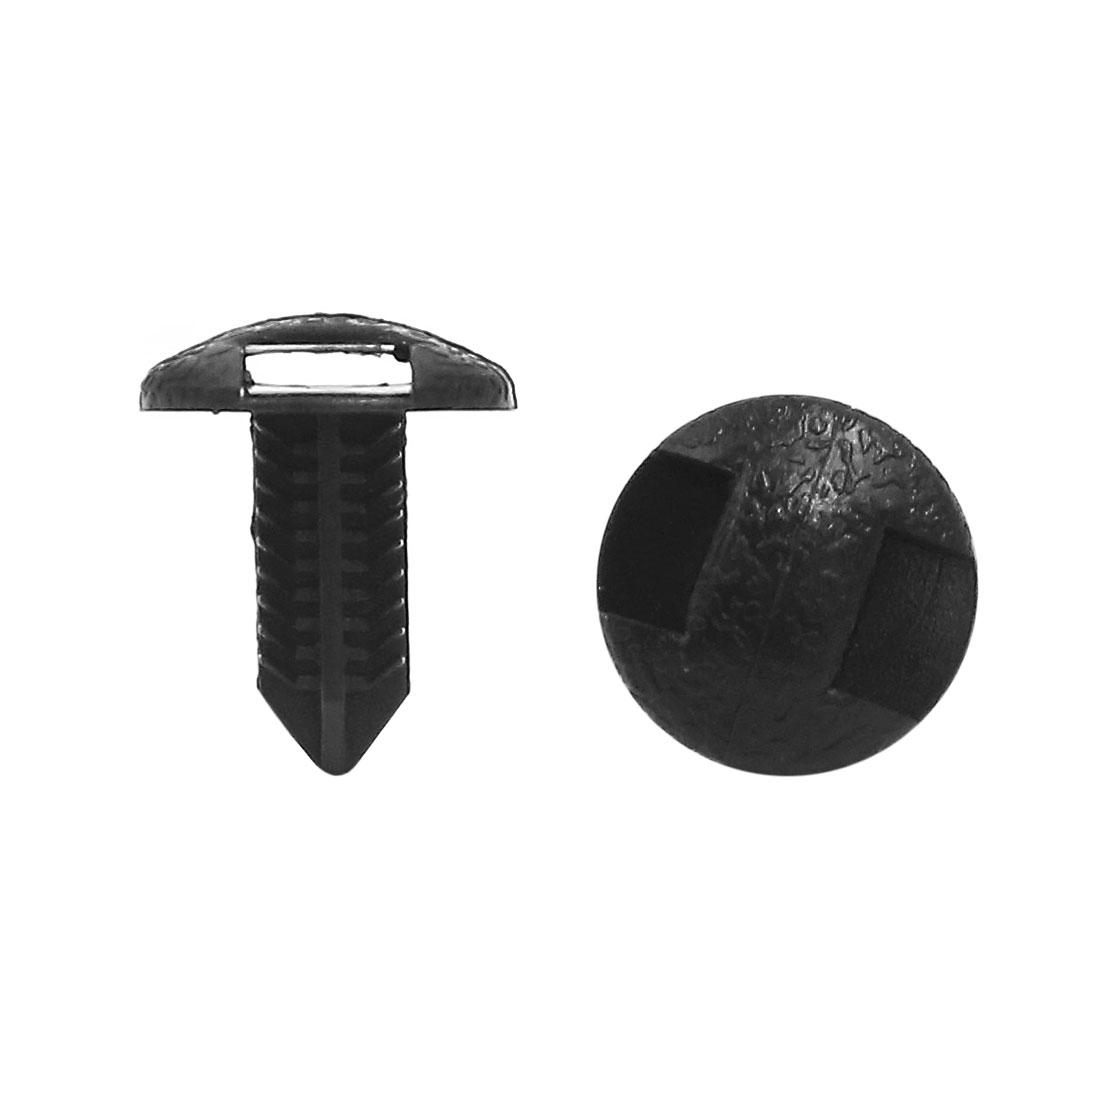 40 Pcs Black Plastic Defender Fastener Auto Car Door Rivets 6.5mm x 6mm Hole